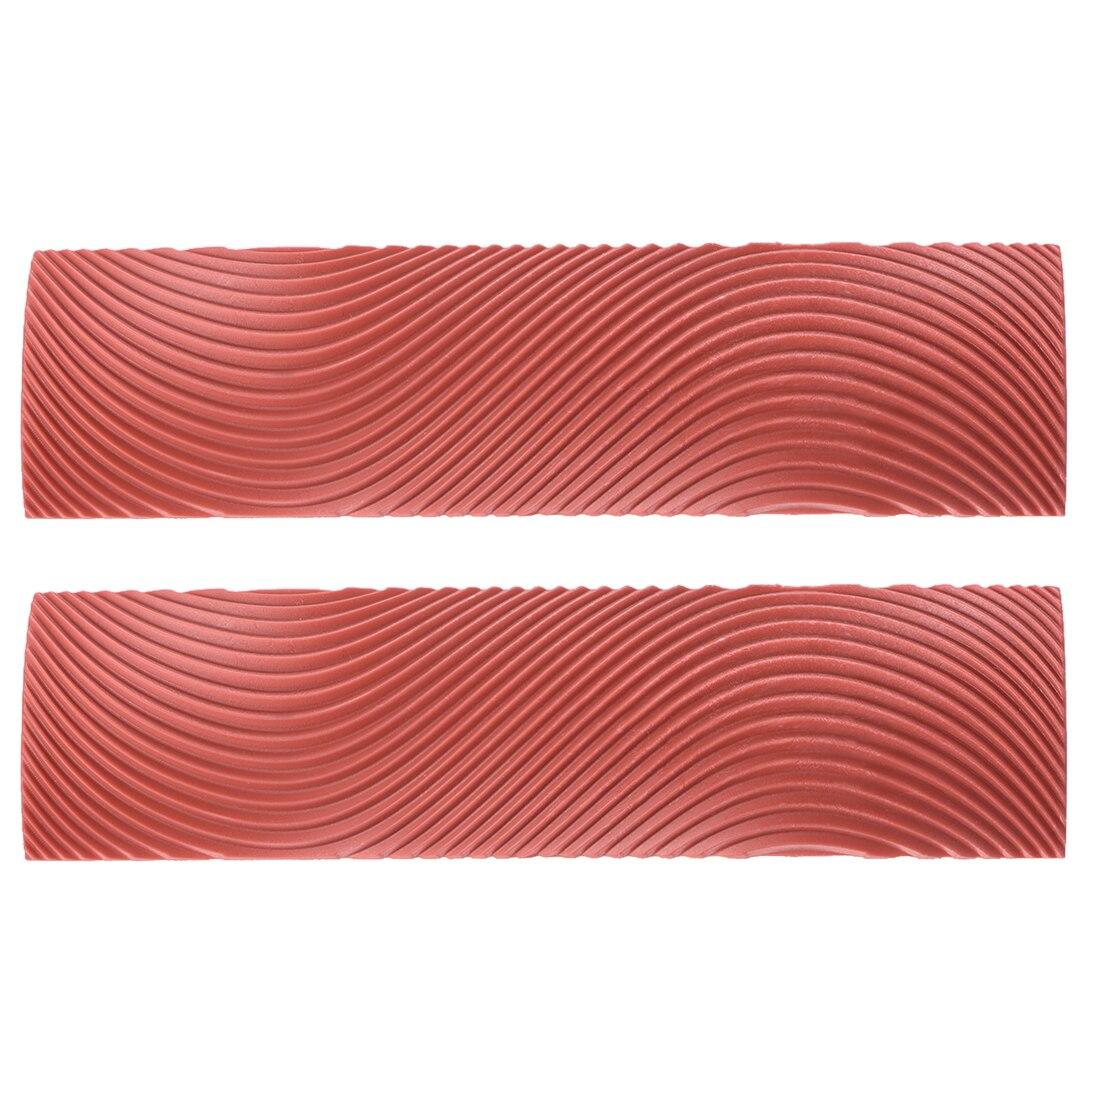 Uxcell 2 قطعة 6 بوصة S-نمط الخشب المحبب المطاط الحبوب أداة نمط جدار الطلاء الأحمر MS9